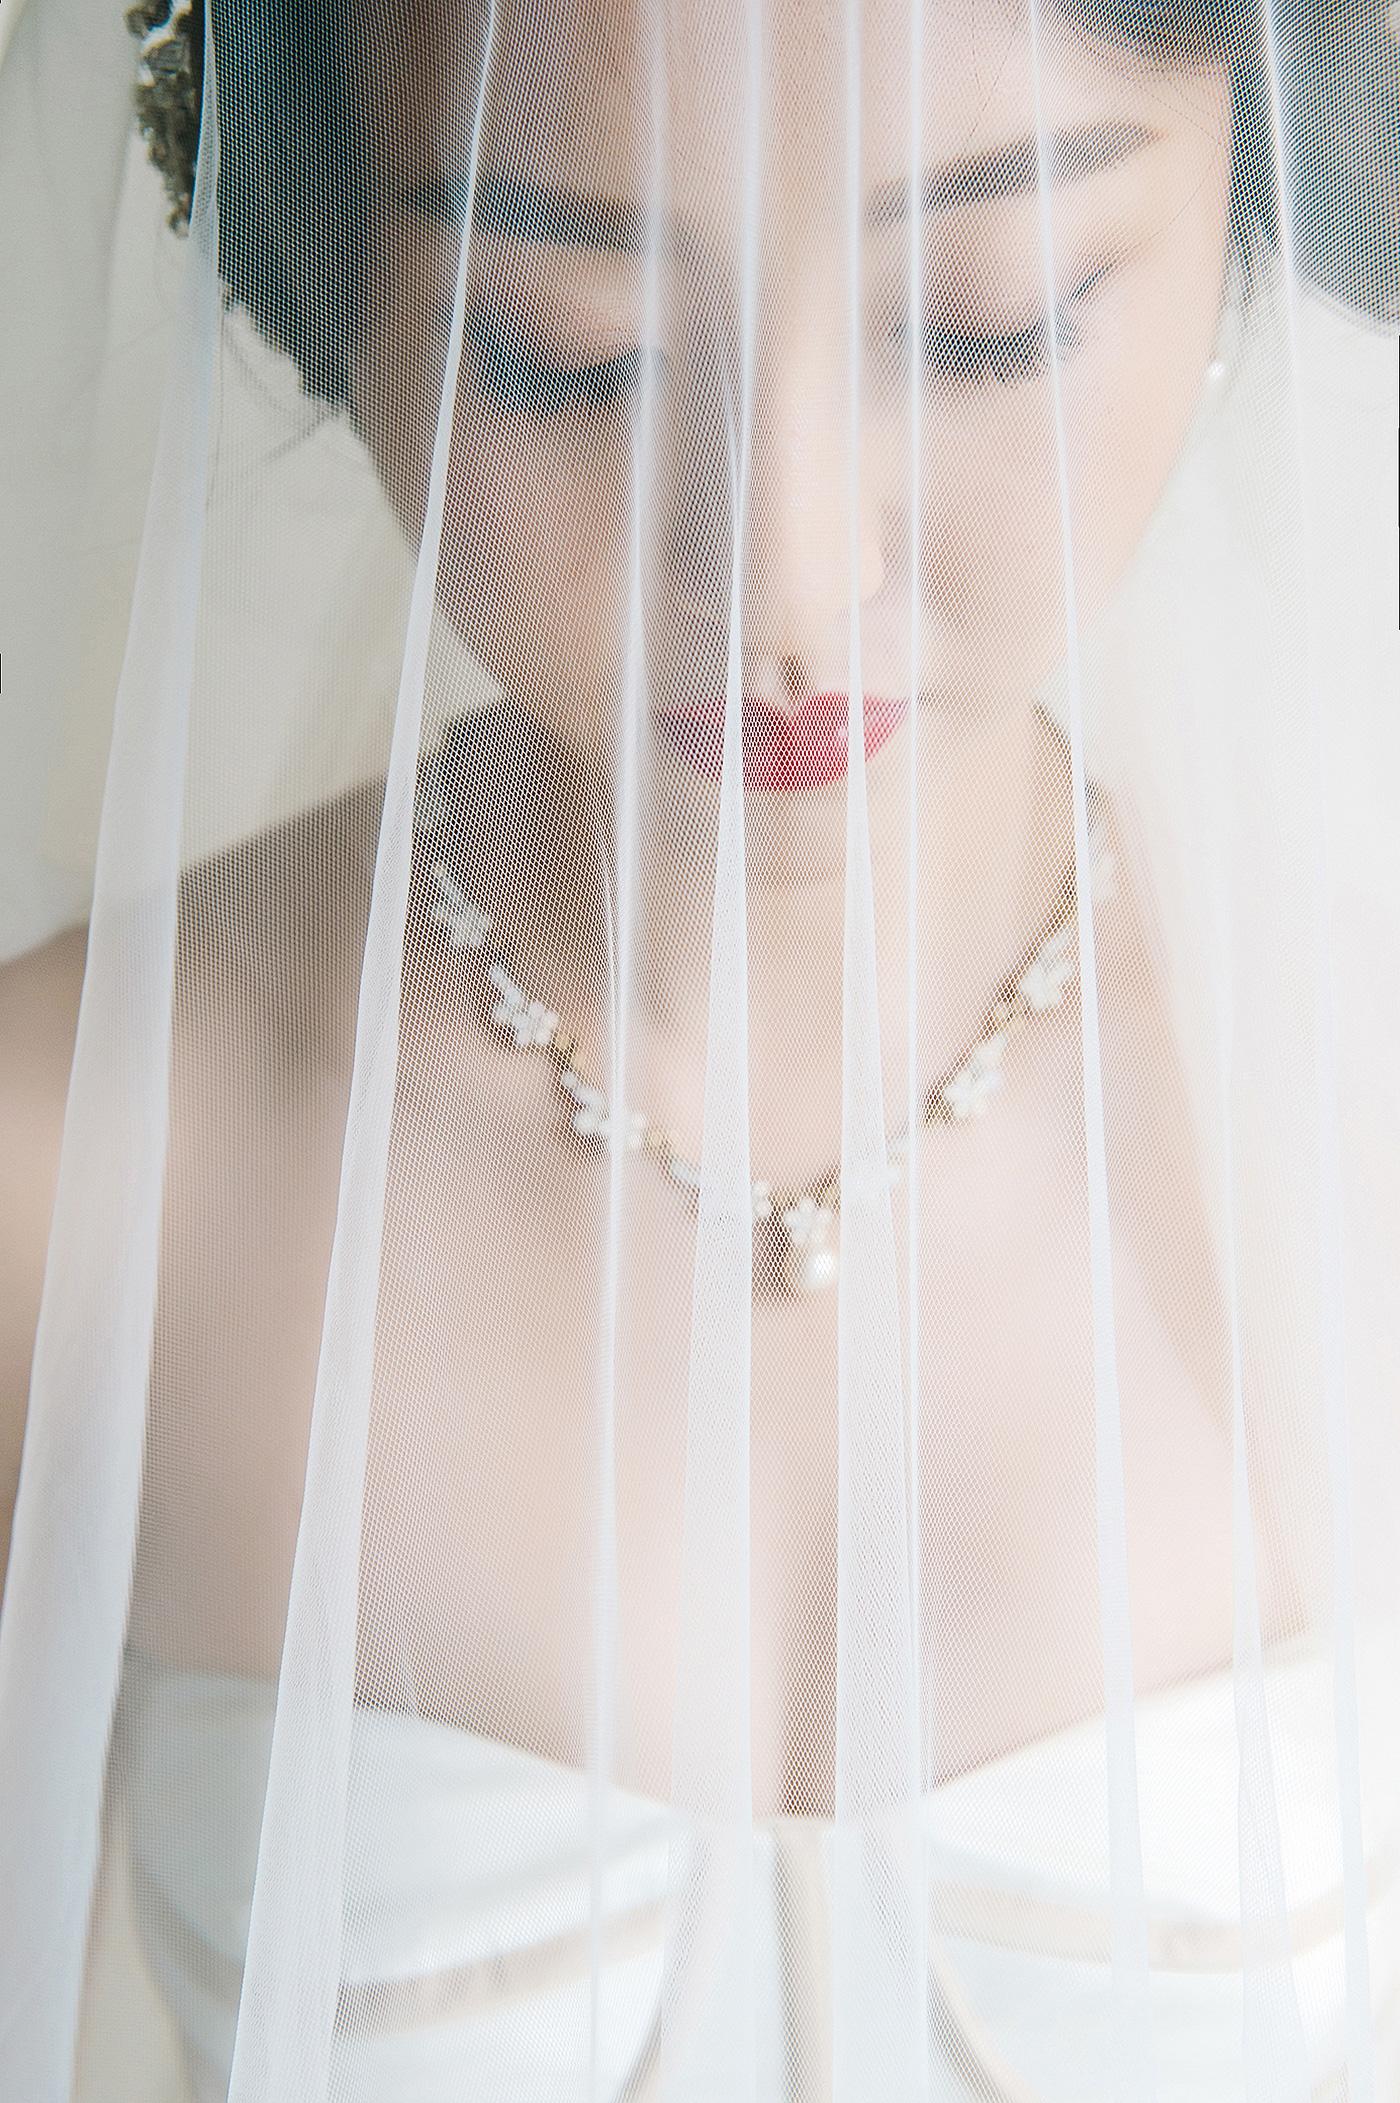 nickchang_wedding_finart-35